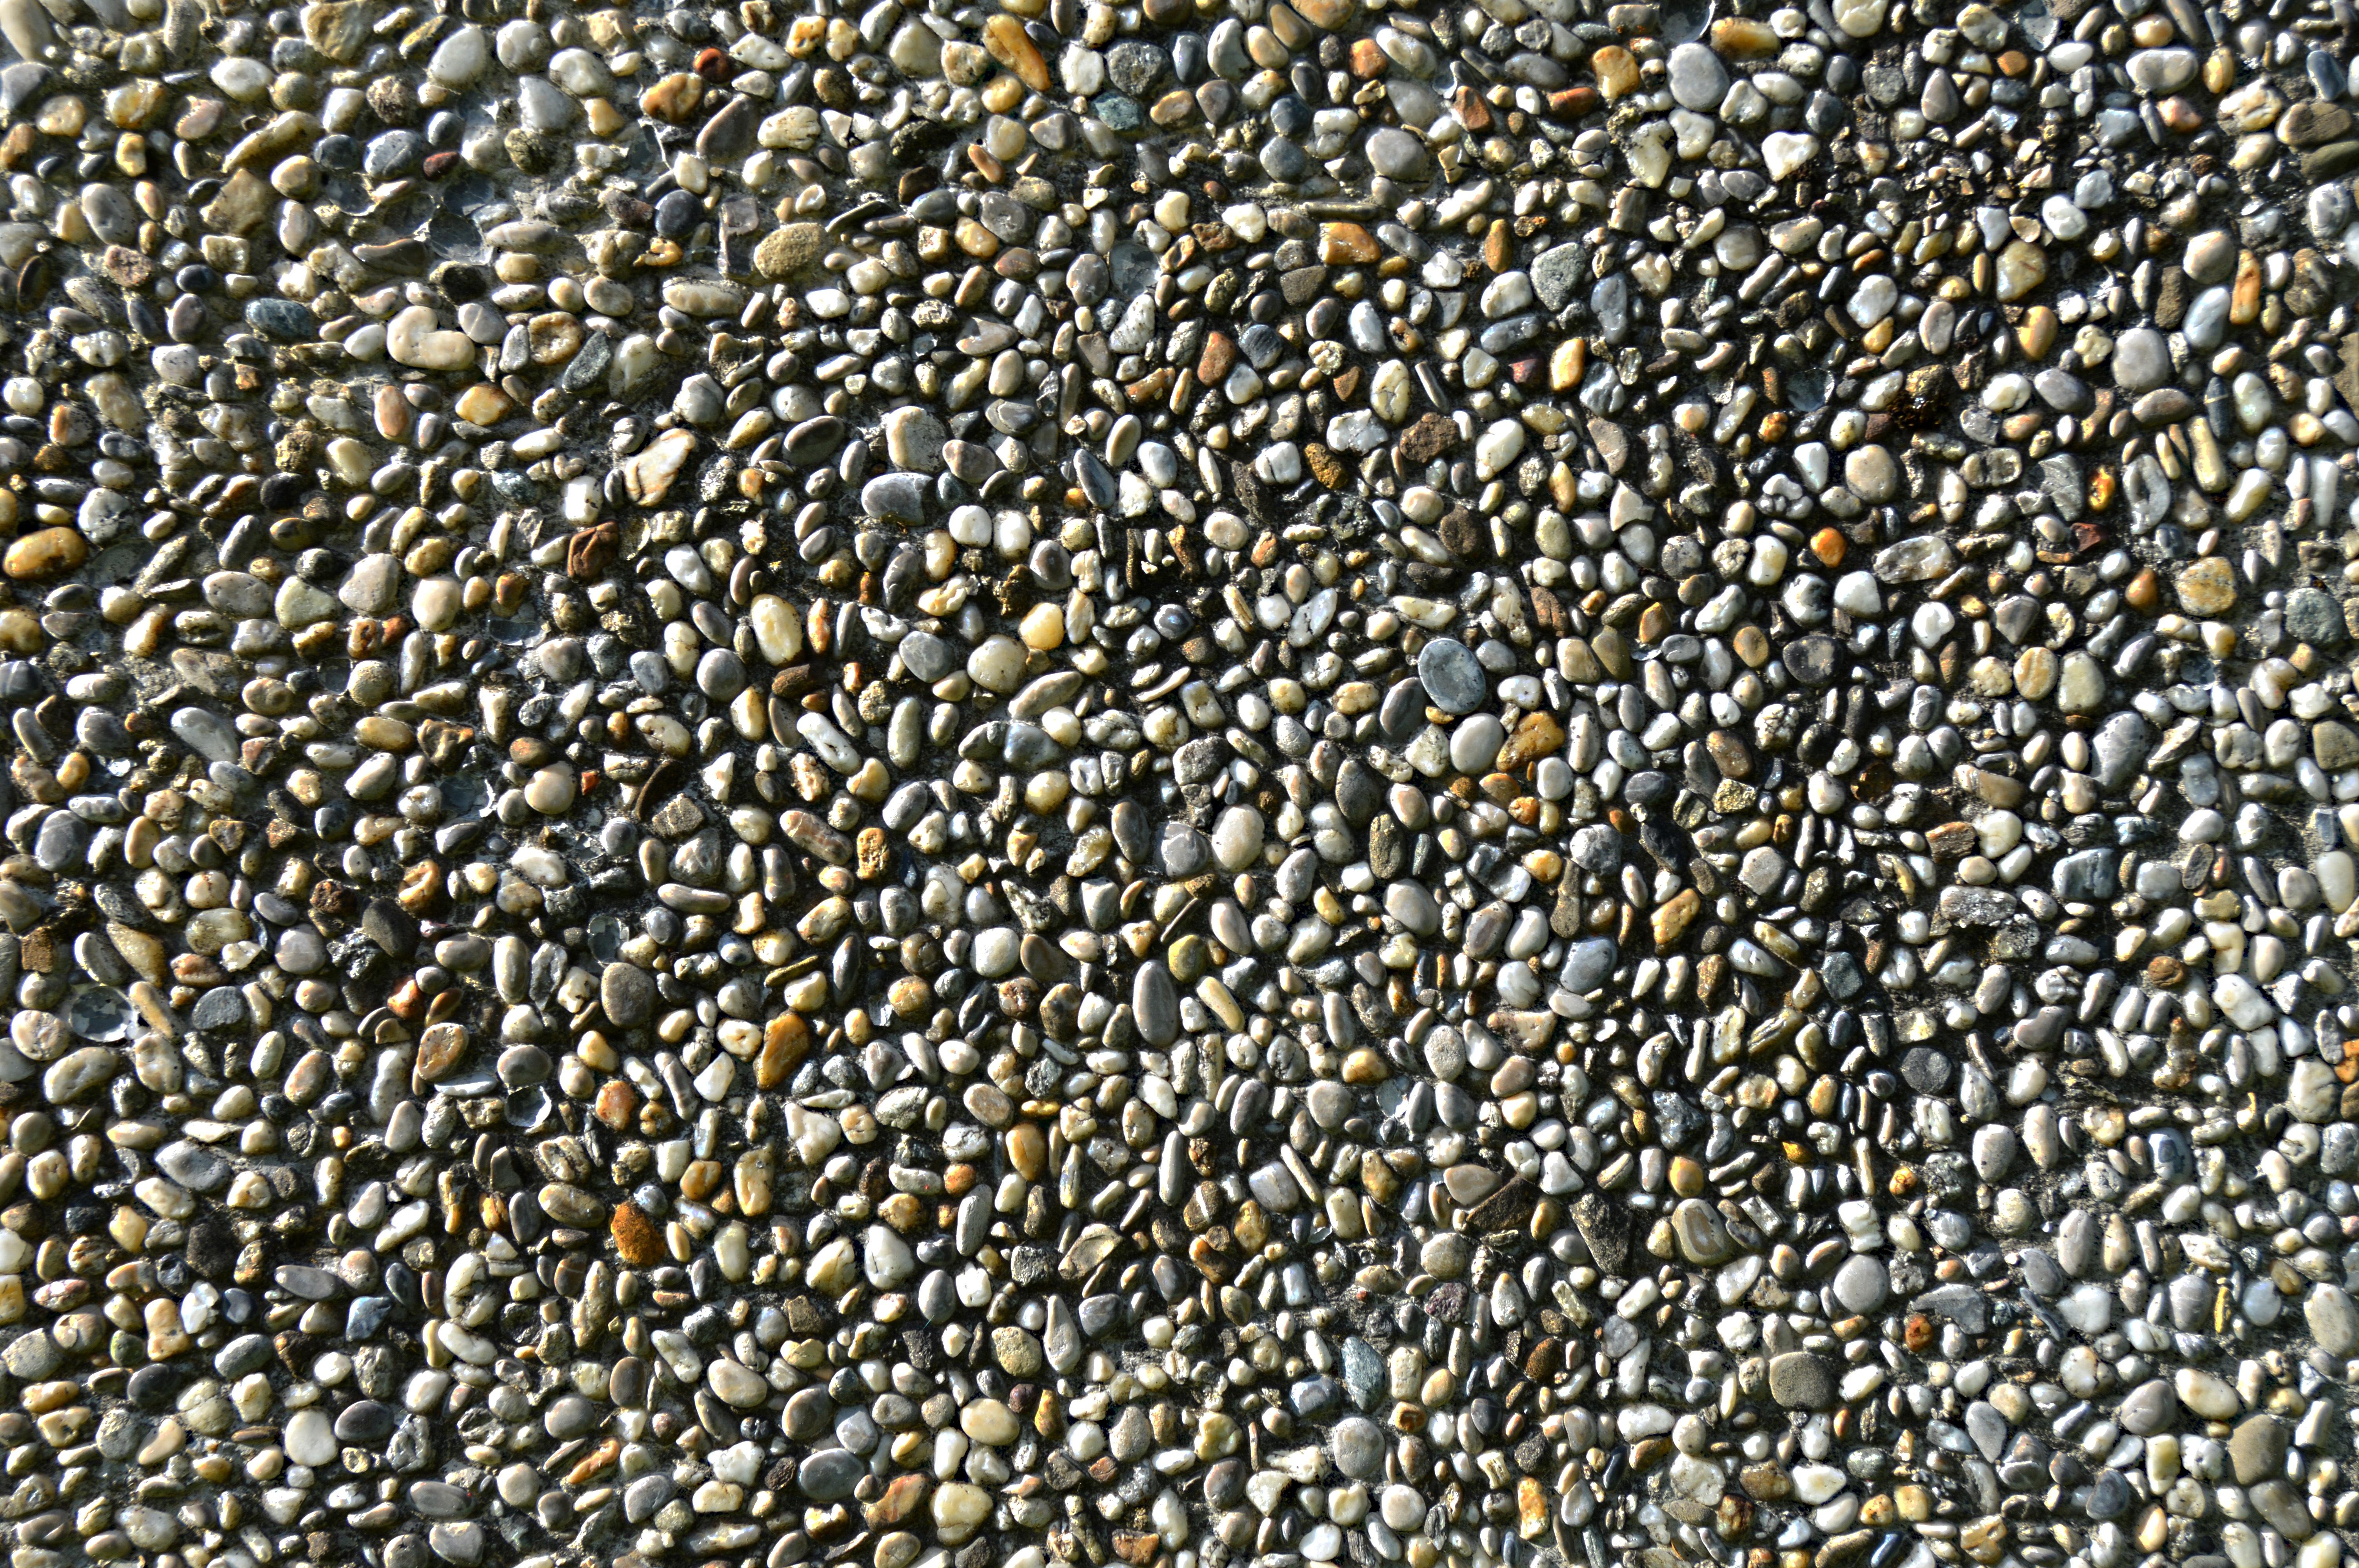 free images   structure  texture  building  asphalt  food  produce  crop  pebble  soil  stone